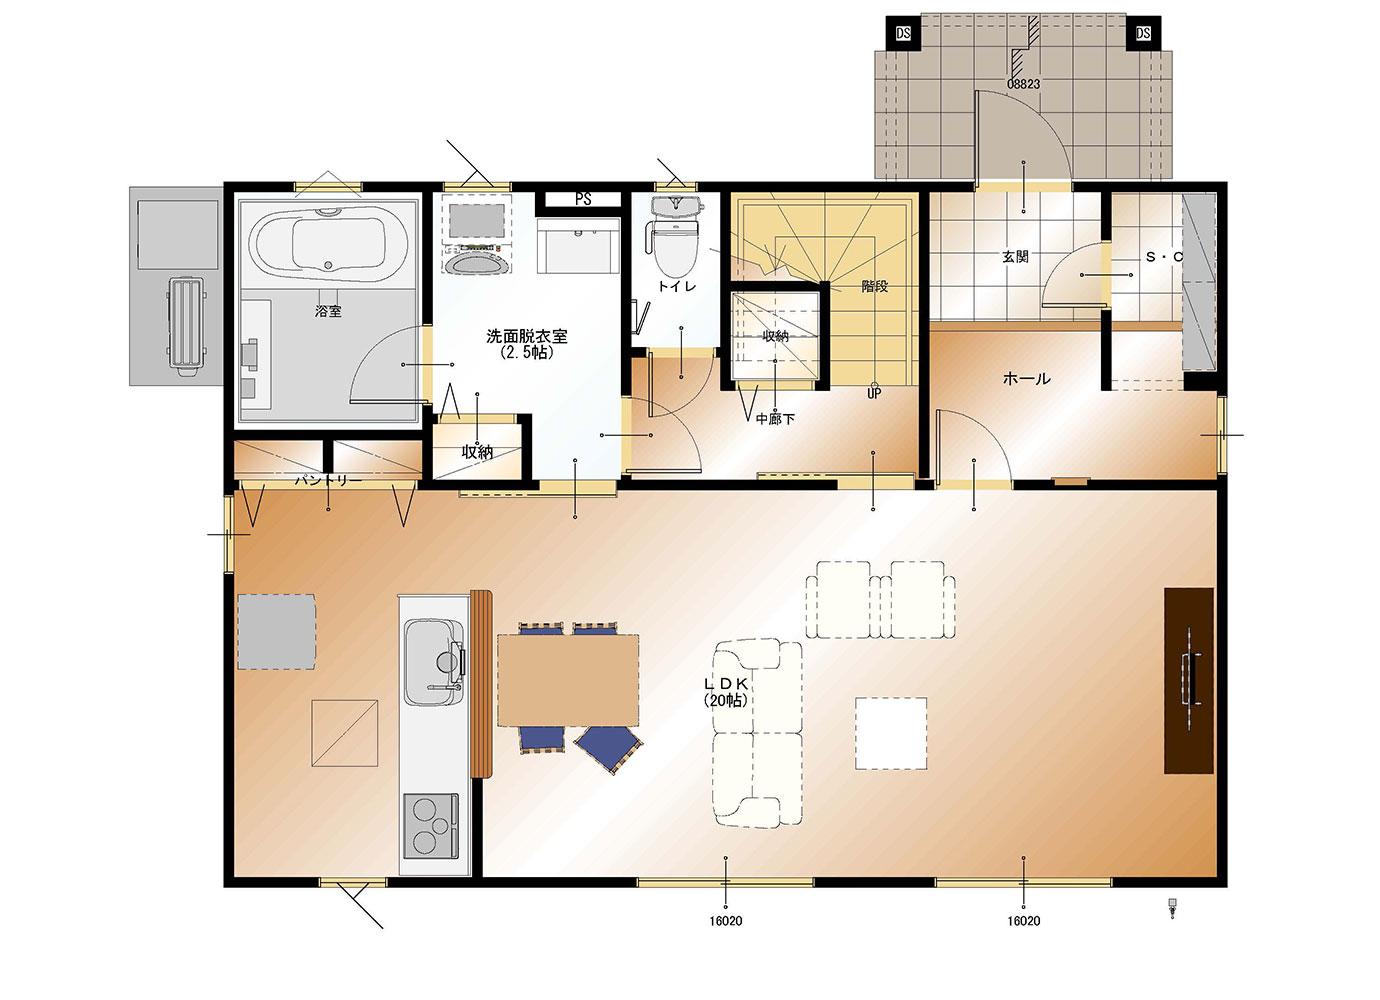 甲斐市下今井E39号棟 建売住宅 平面図1F